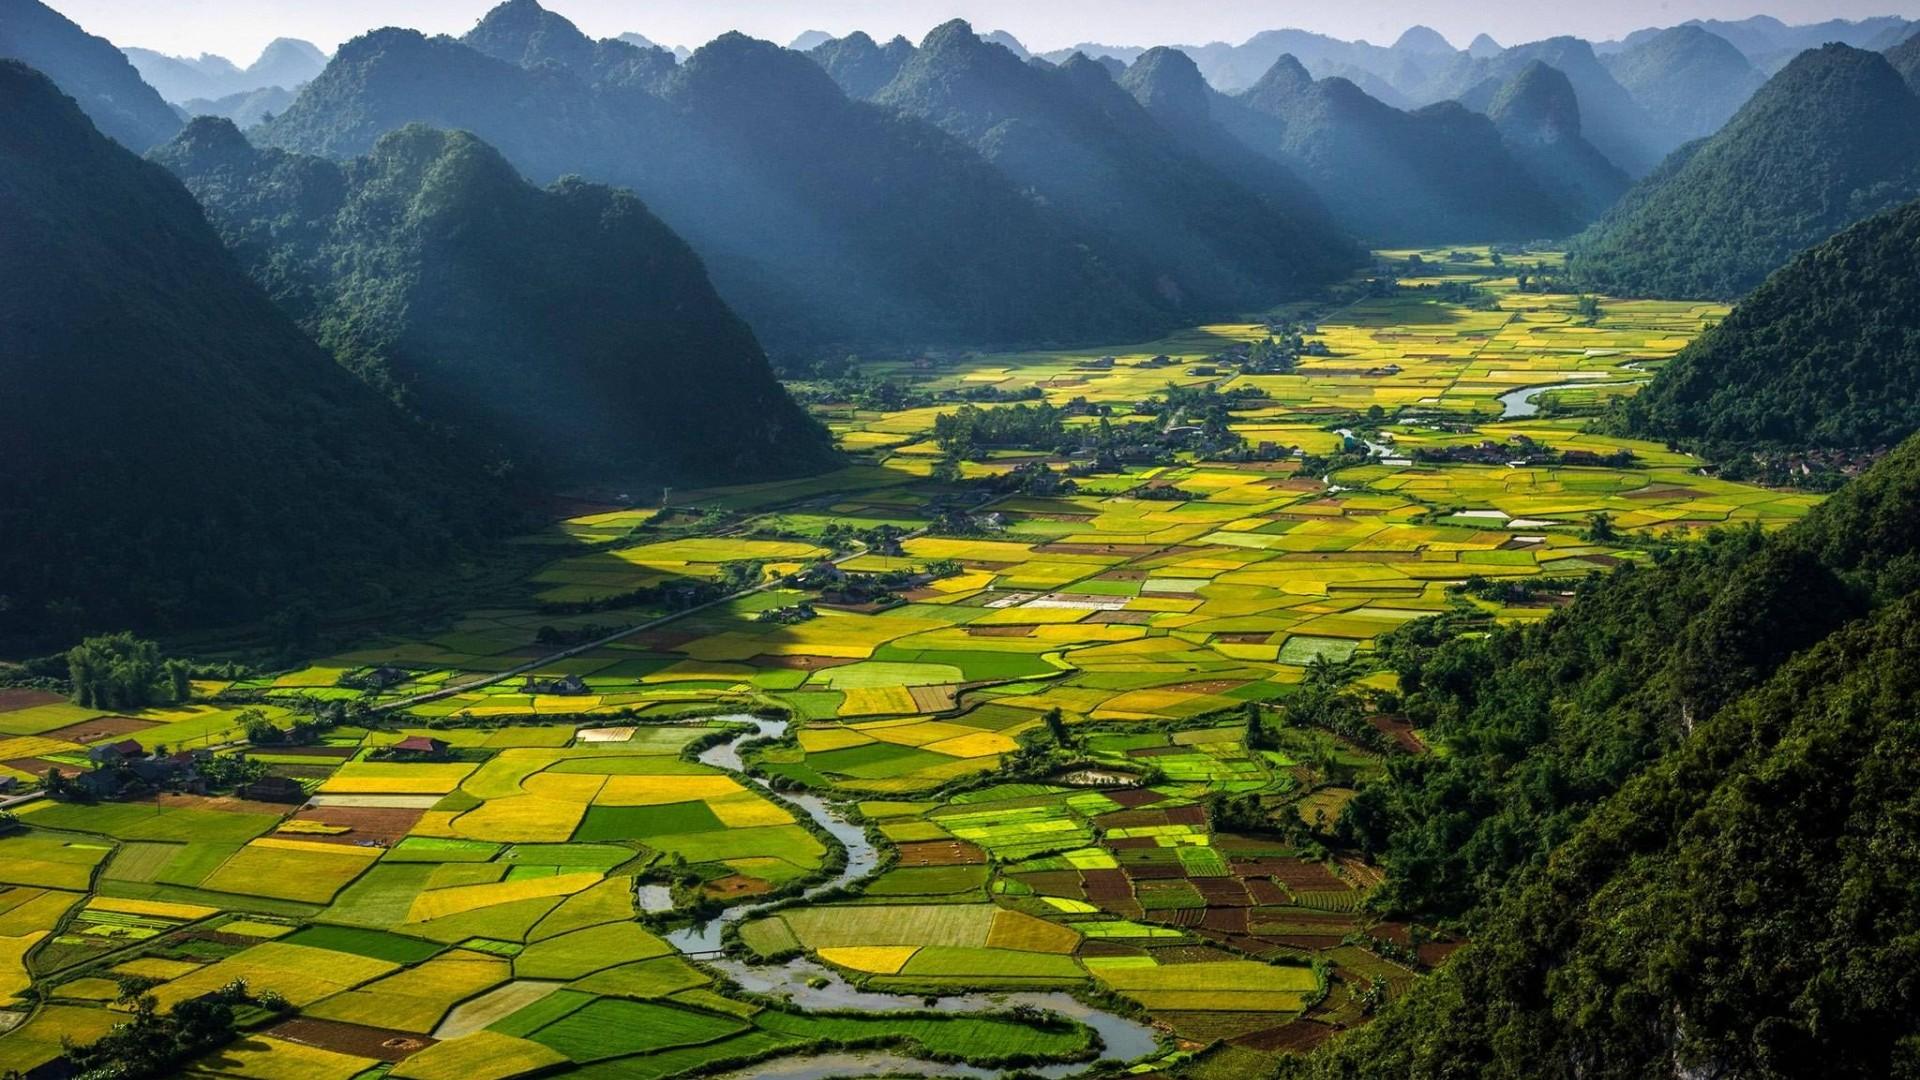 vietnam desktop wallpaper 1920x1080